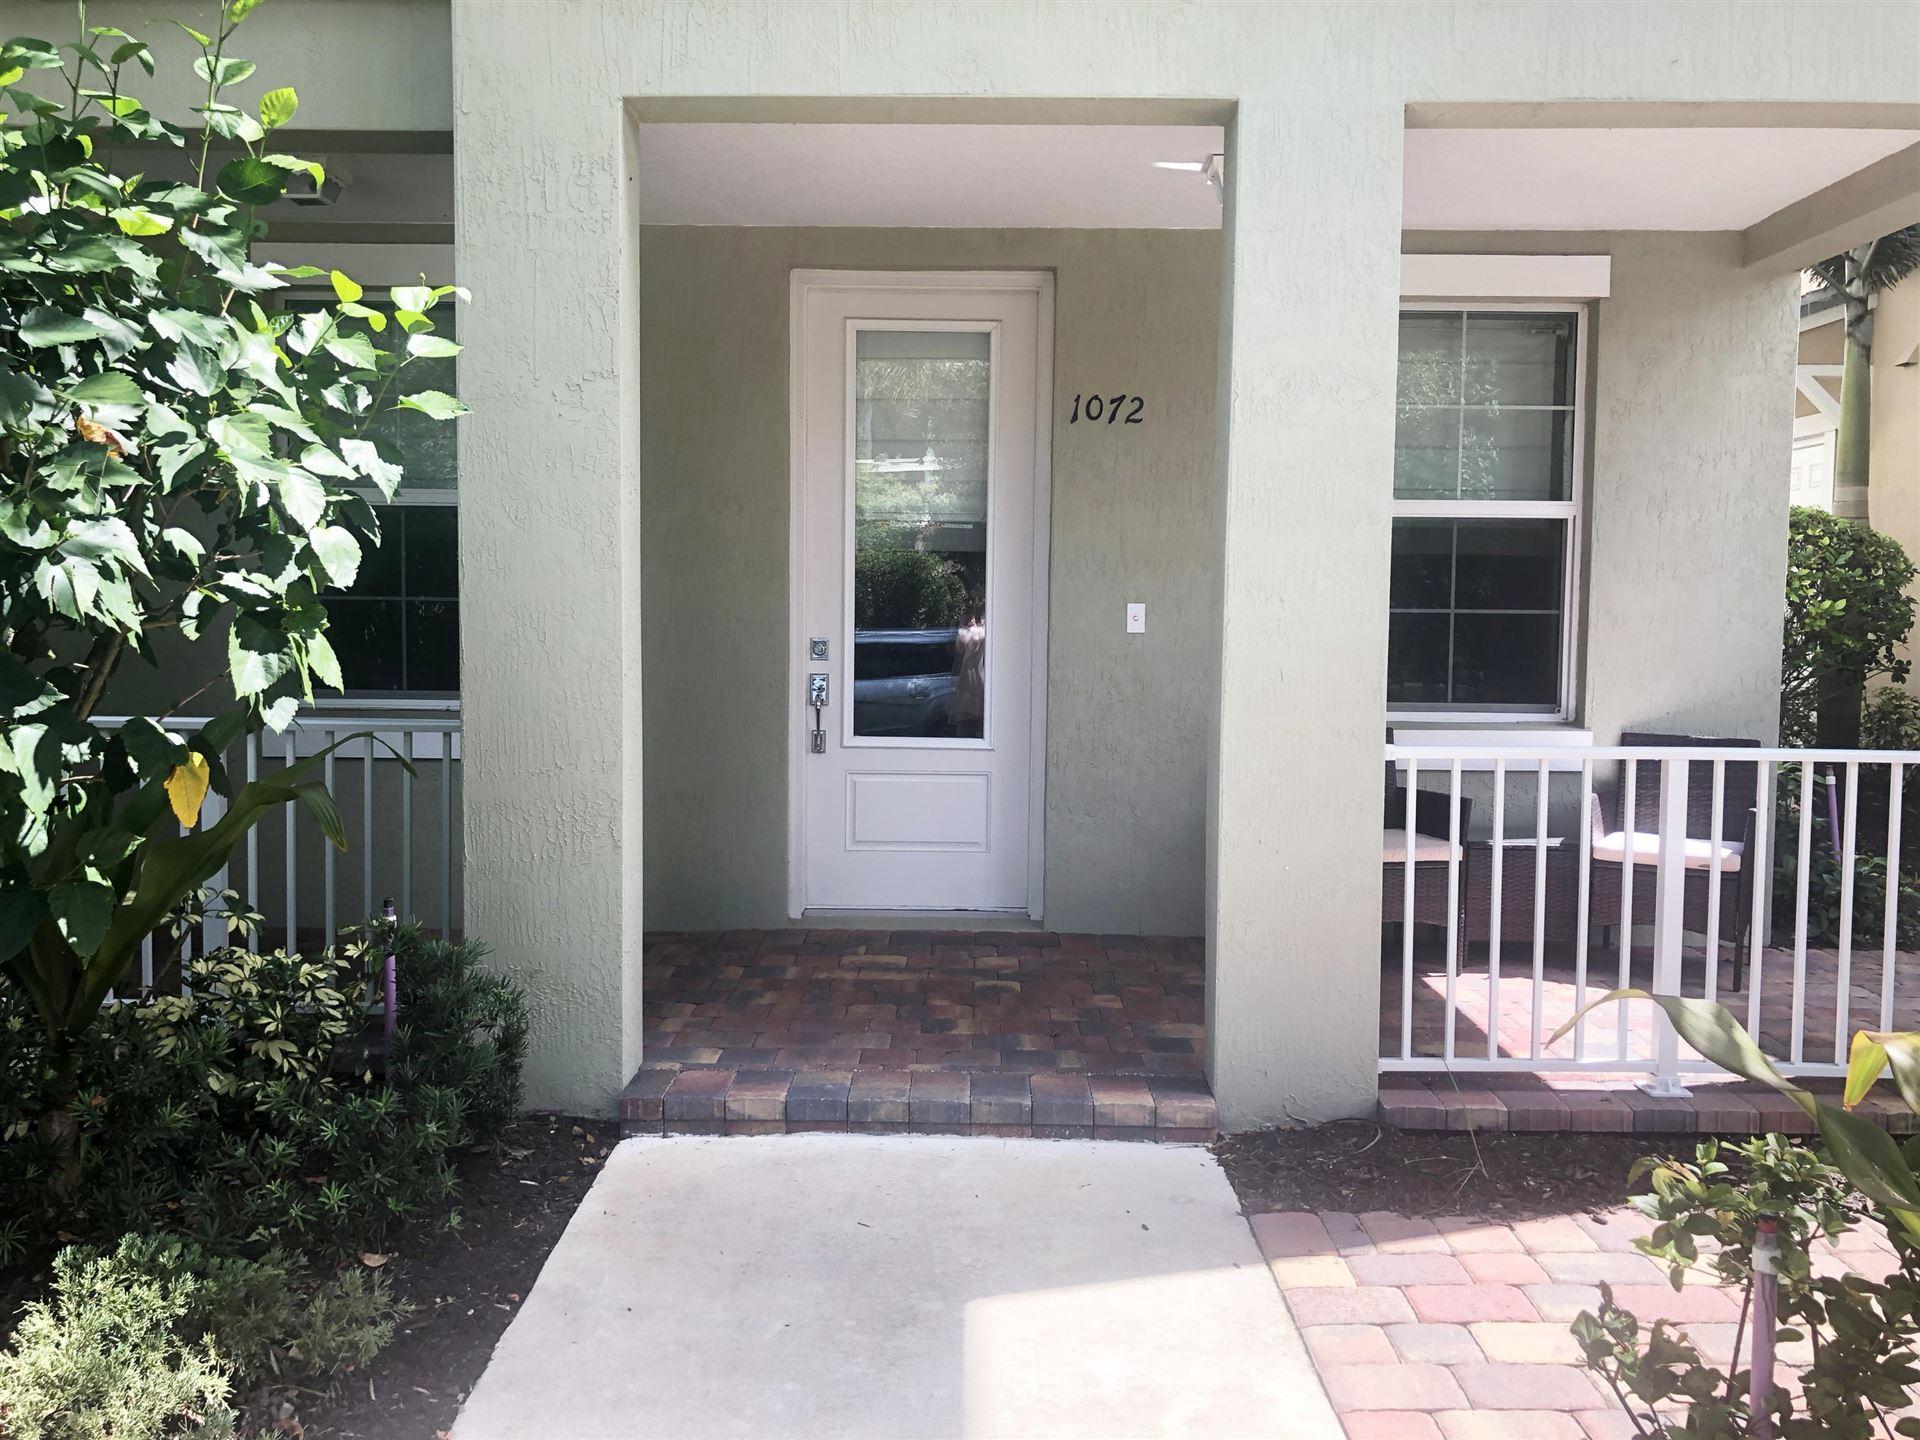 Photo of 1072 Community Drive, Jupiter, FL 33458 (MLS # RX-10657546)